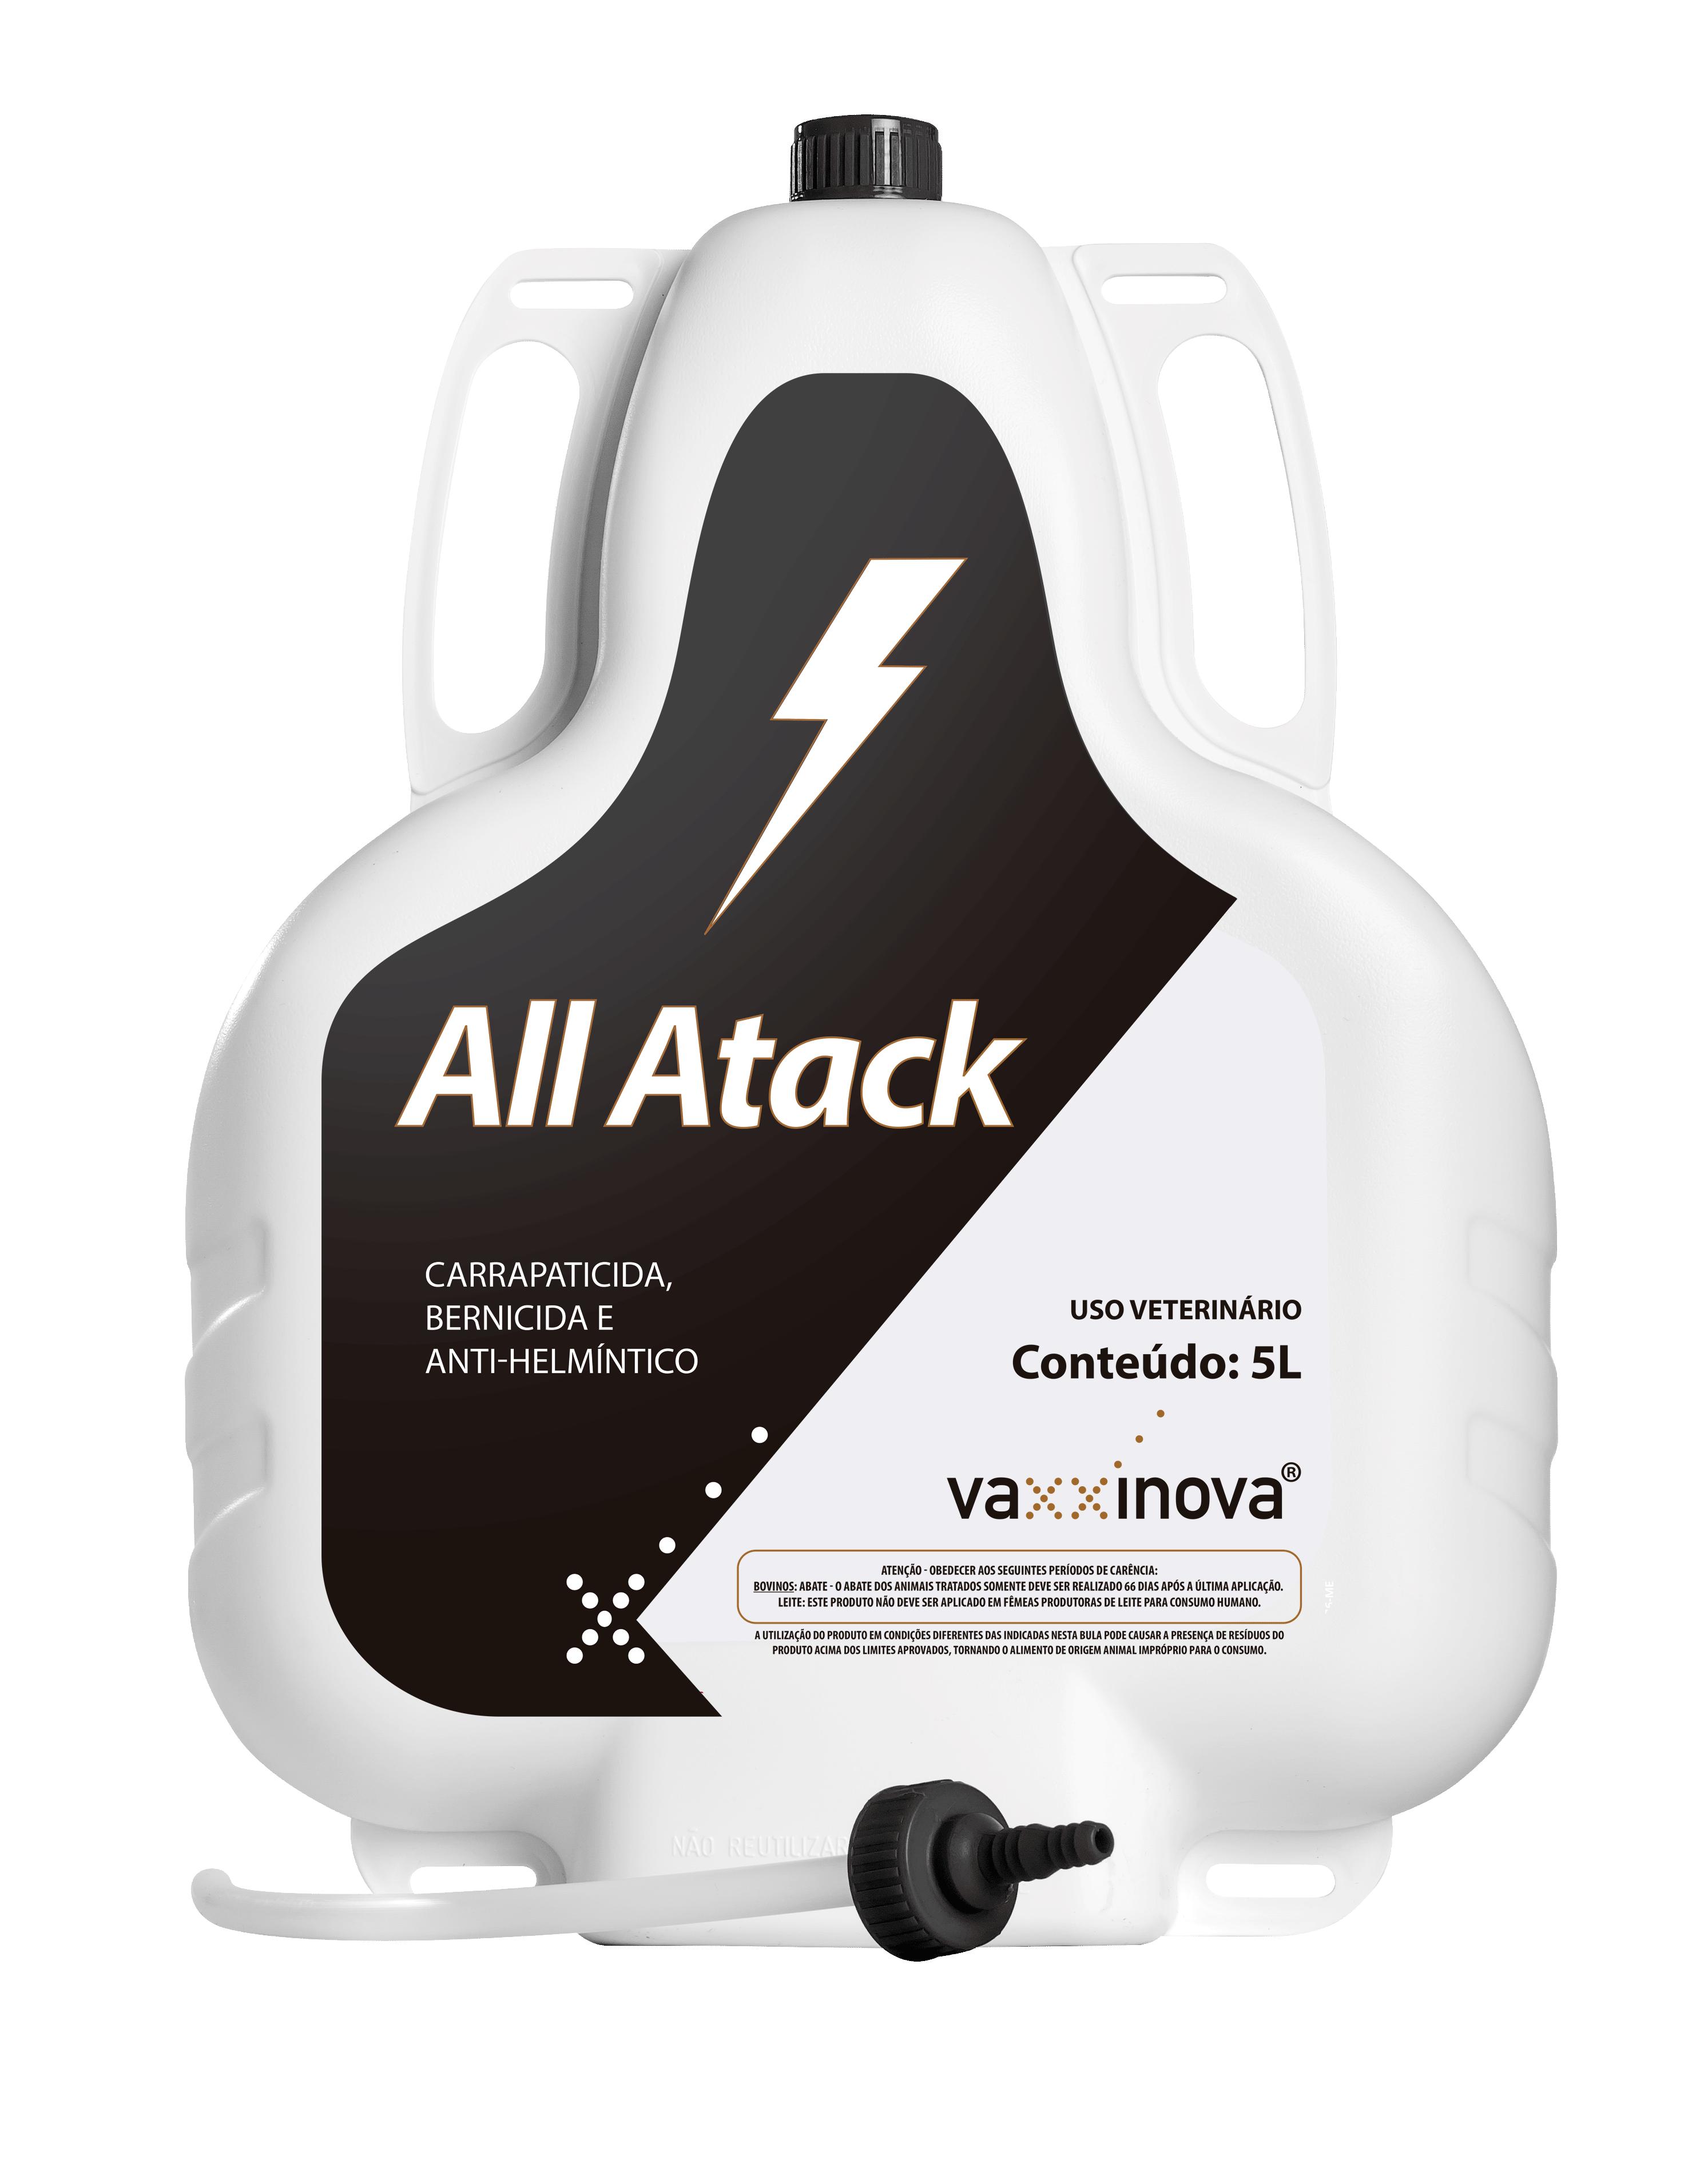 All Attack